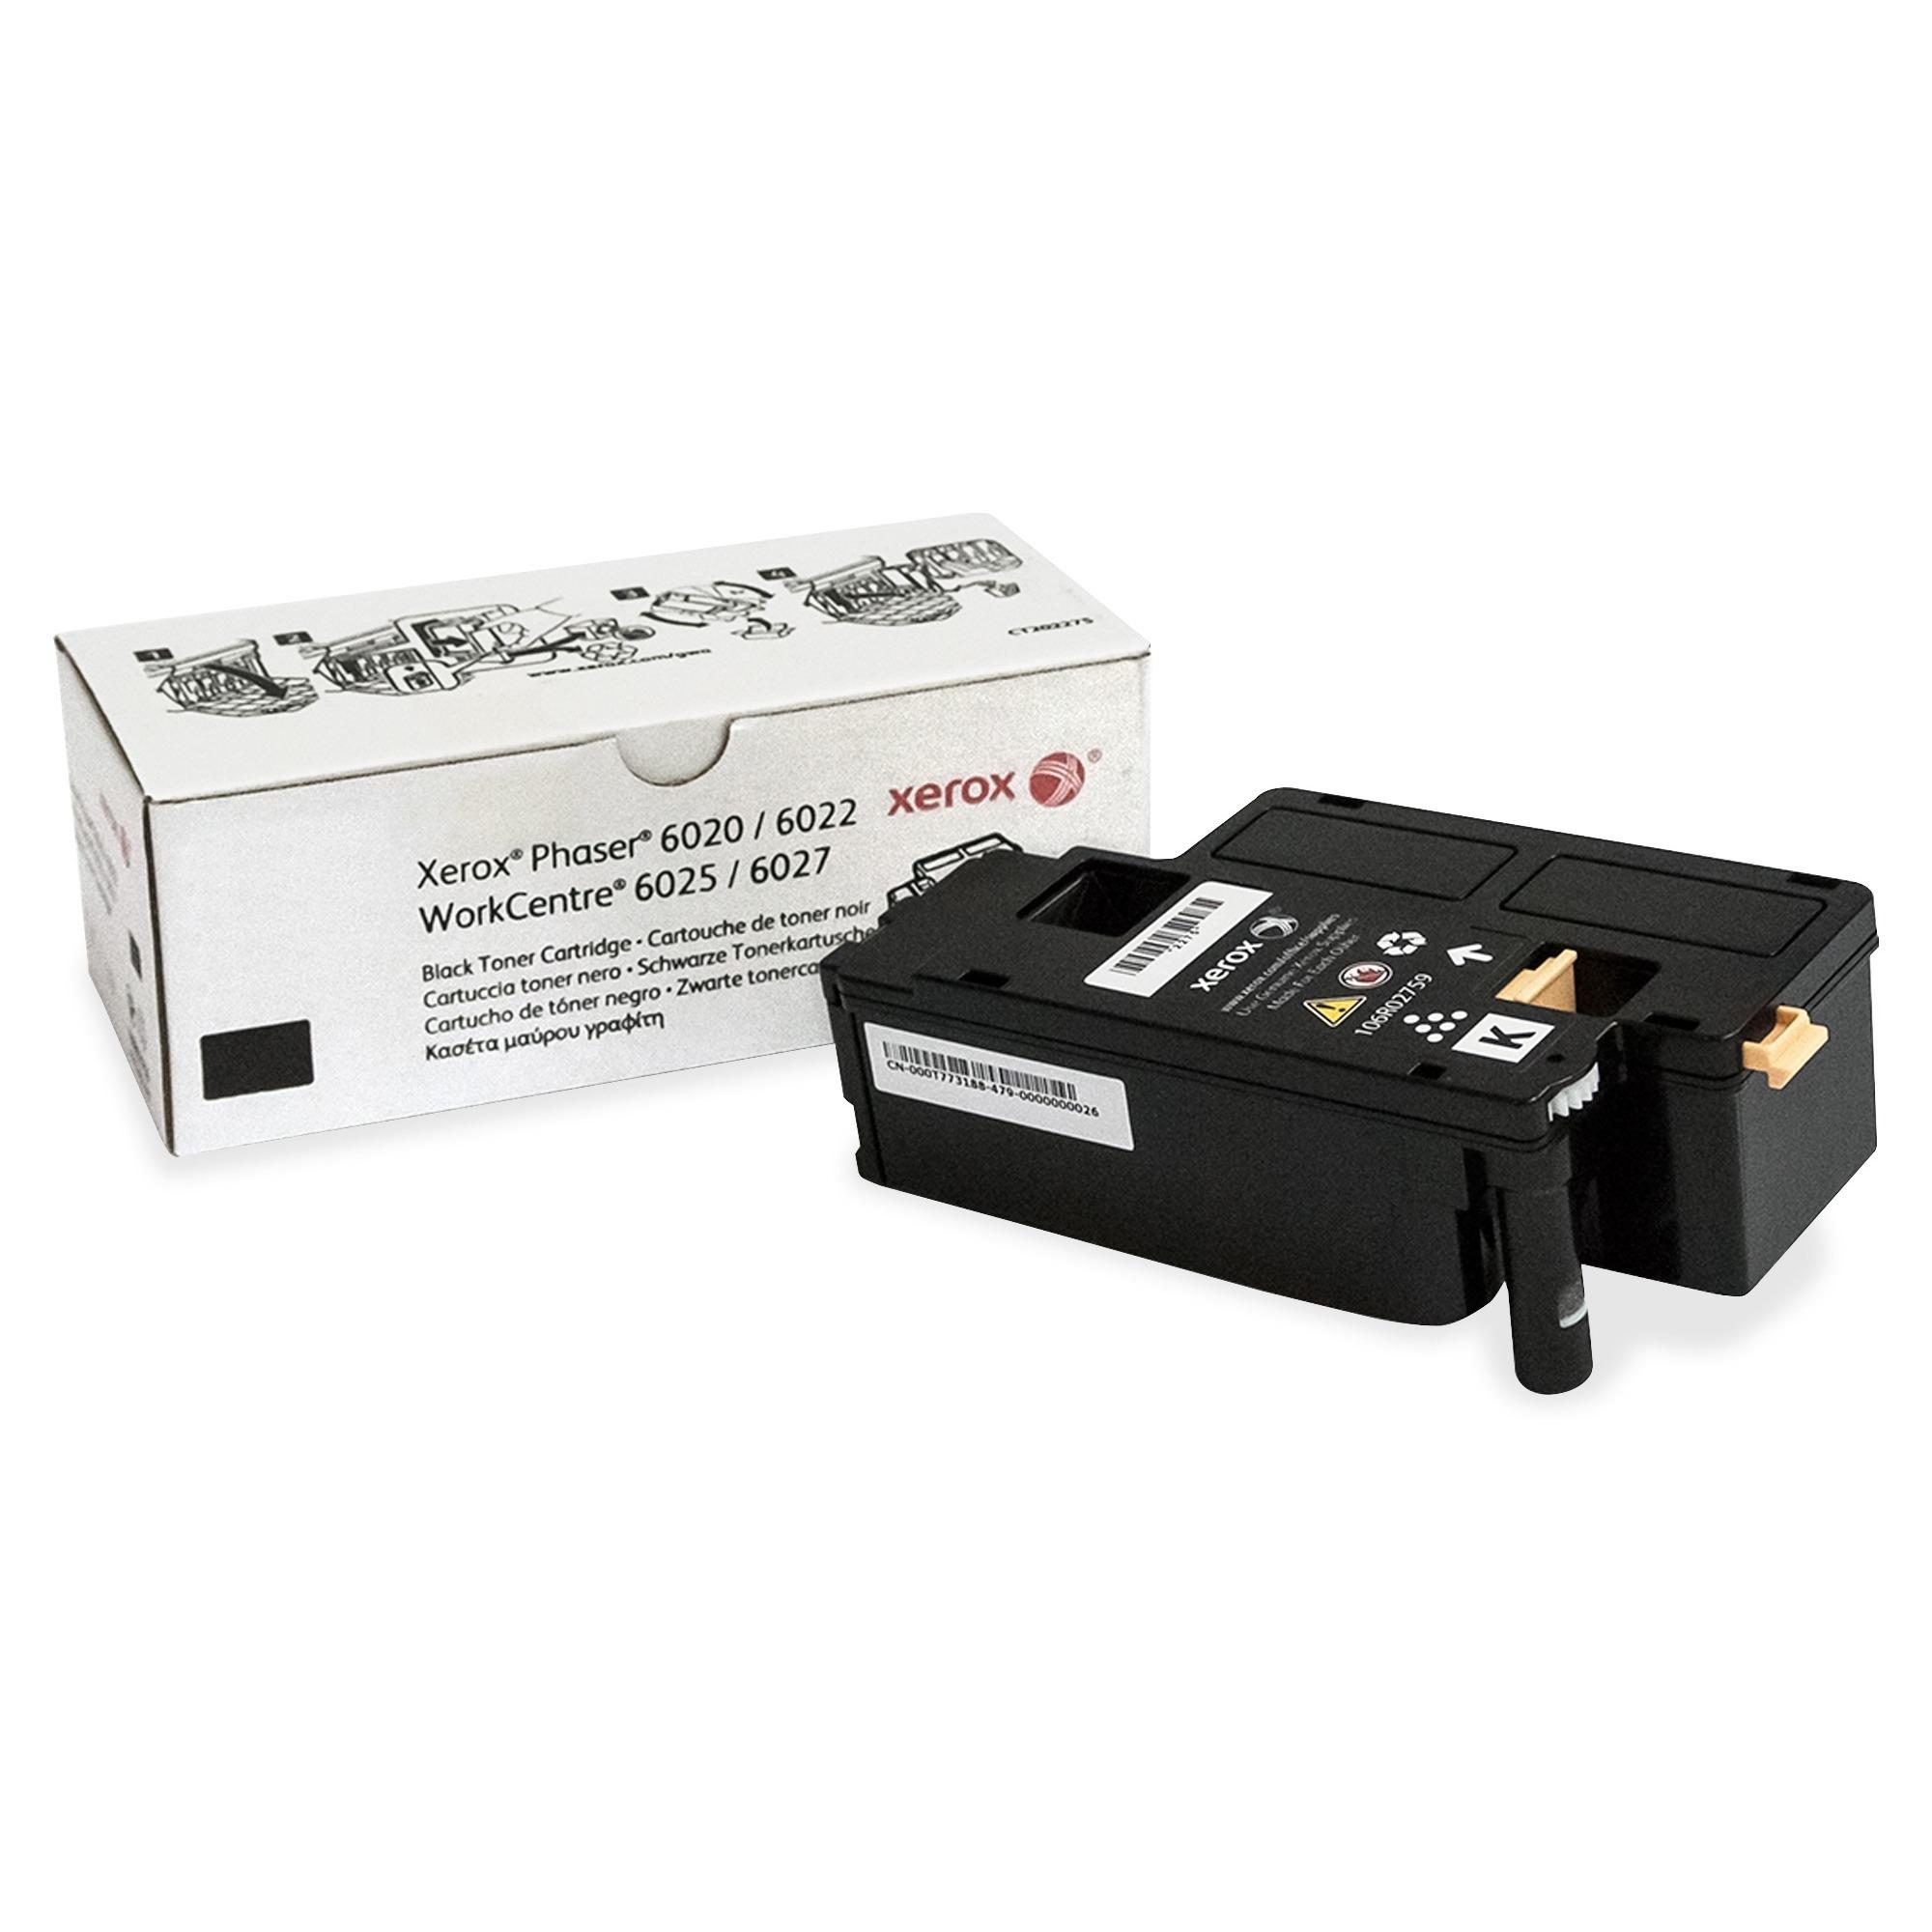 WorkCentre 6027 - Black - original - toner cartridge - for Phaser 6020V_BI 6022/NI 6022V_NI WorkCentre 6025V_BI 6027/NI 6027V_NI